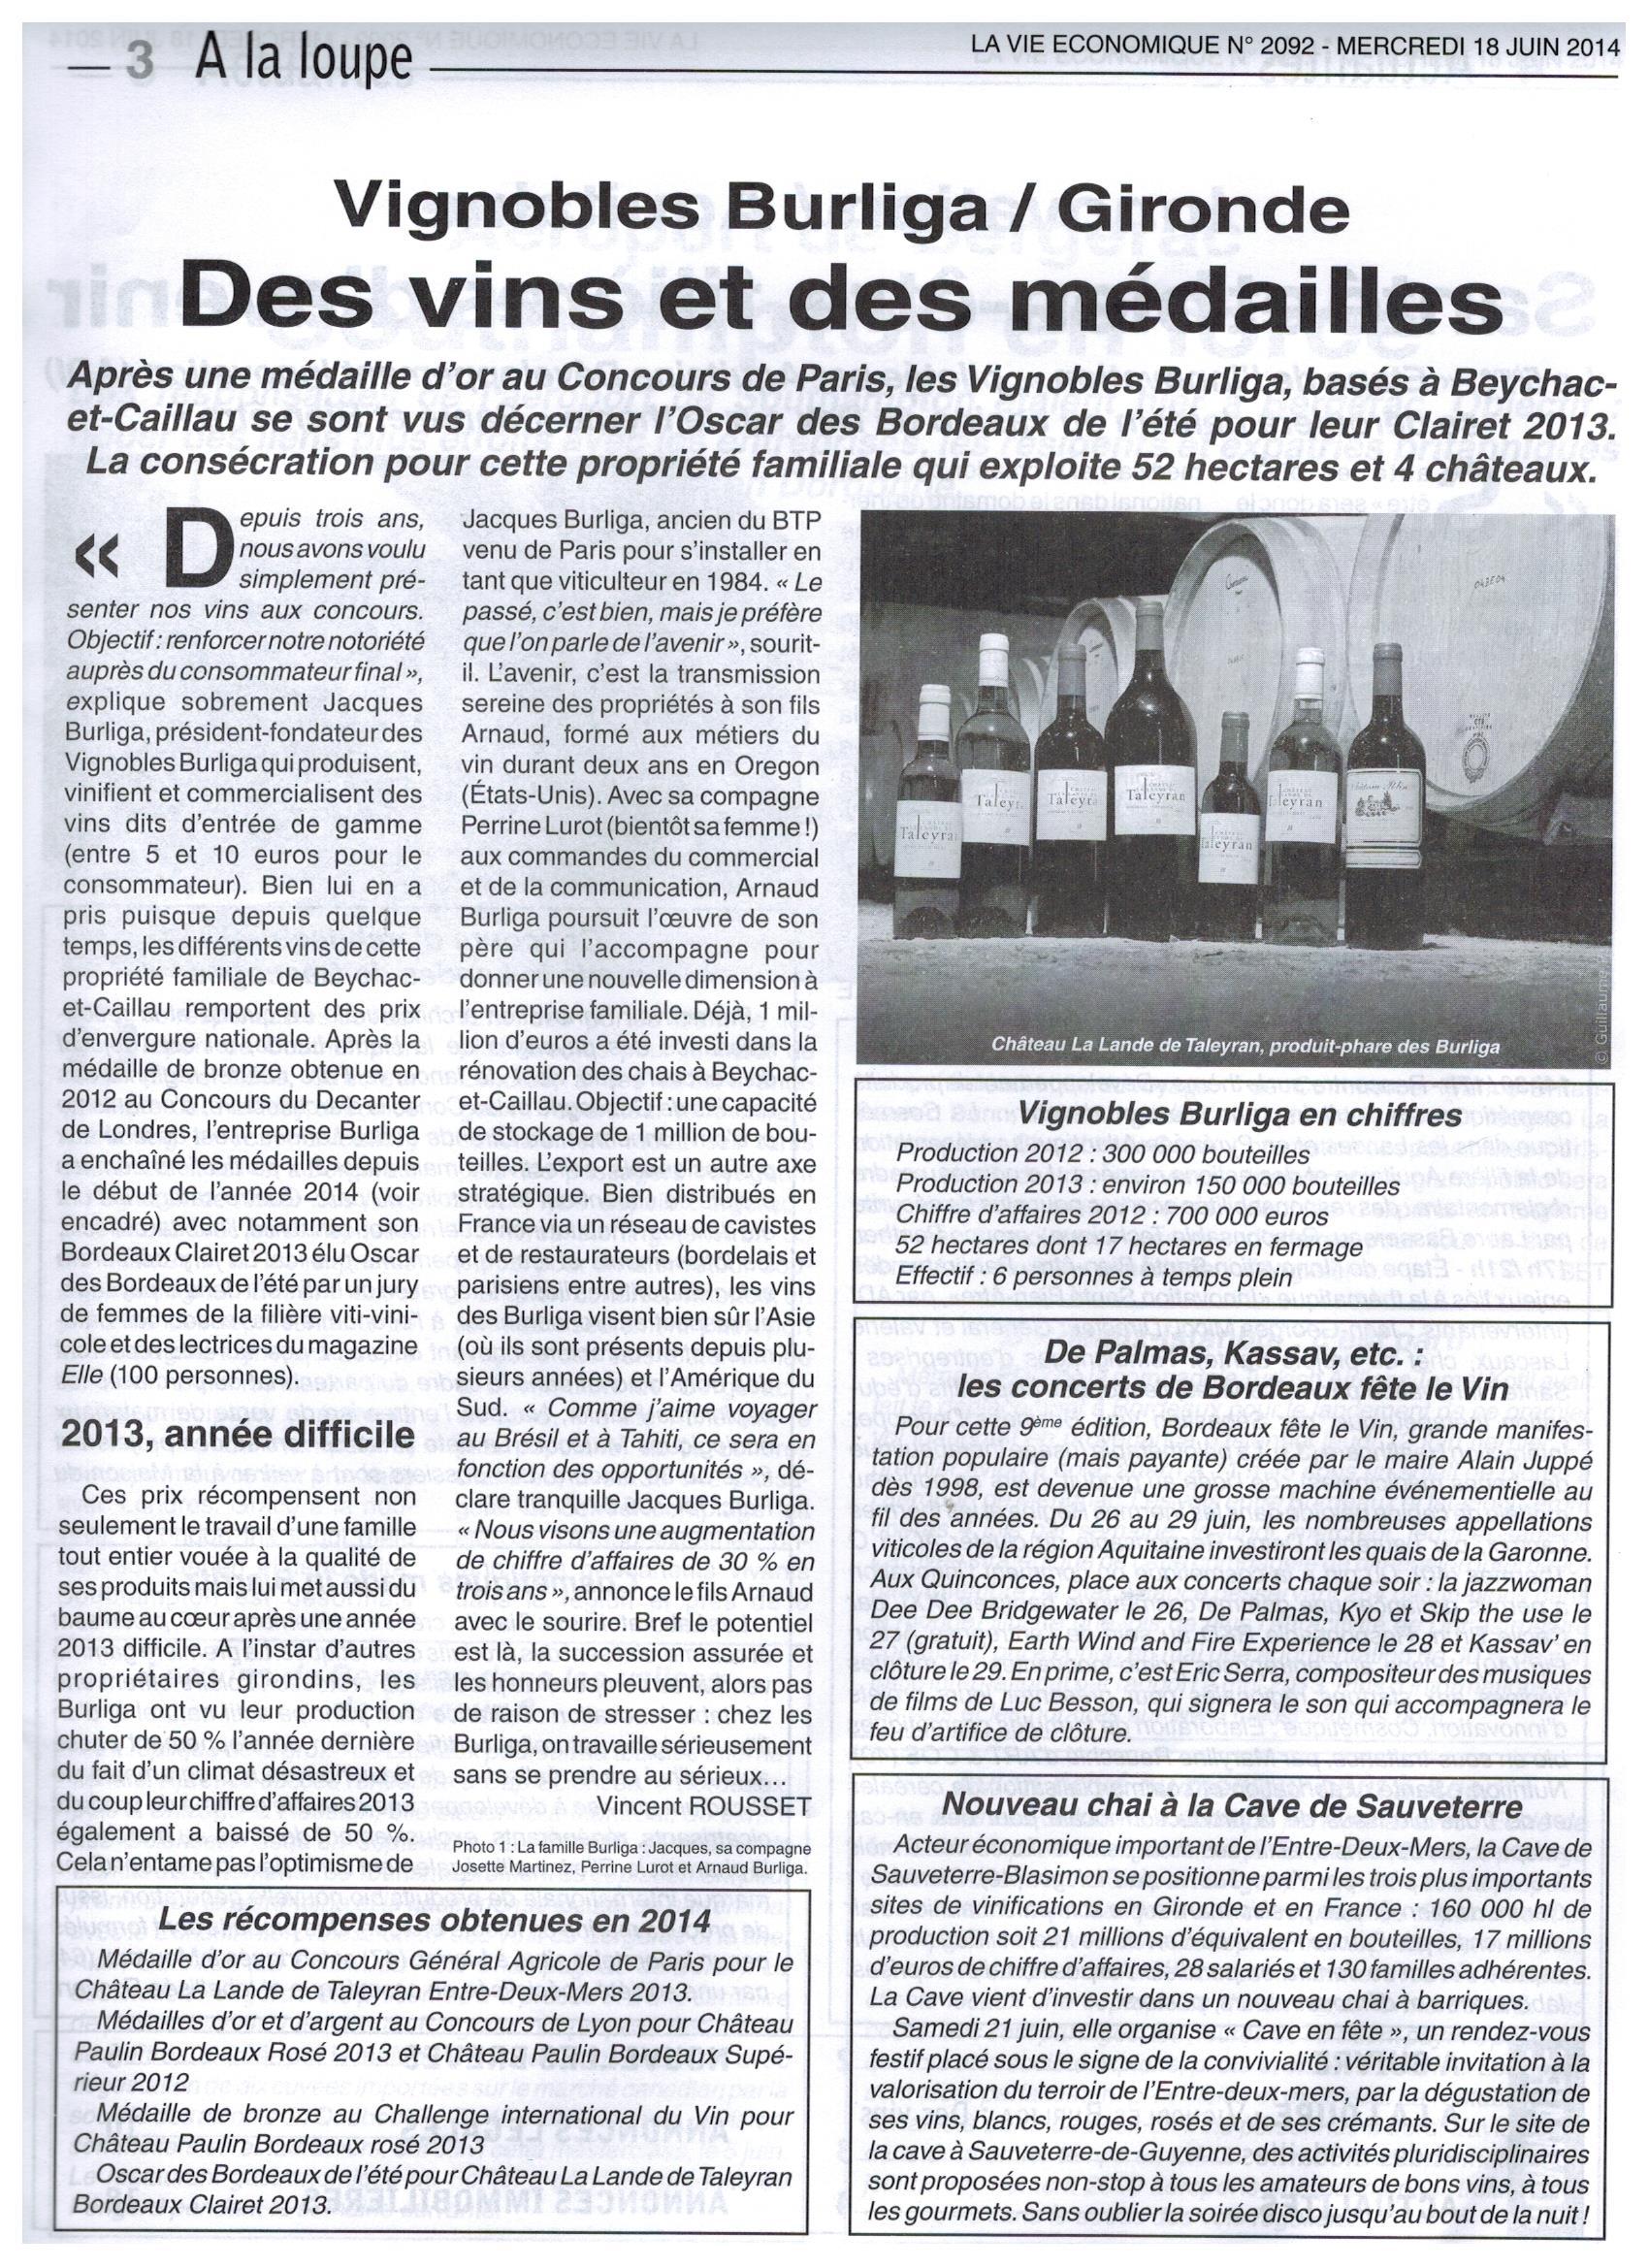 2014-06-18 La Vie Economique_Article